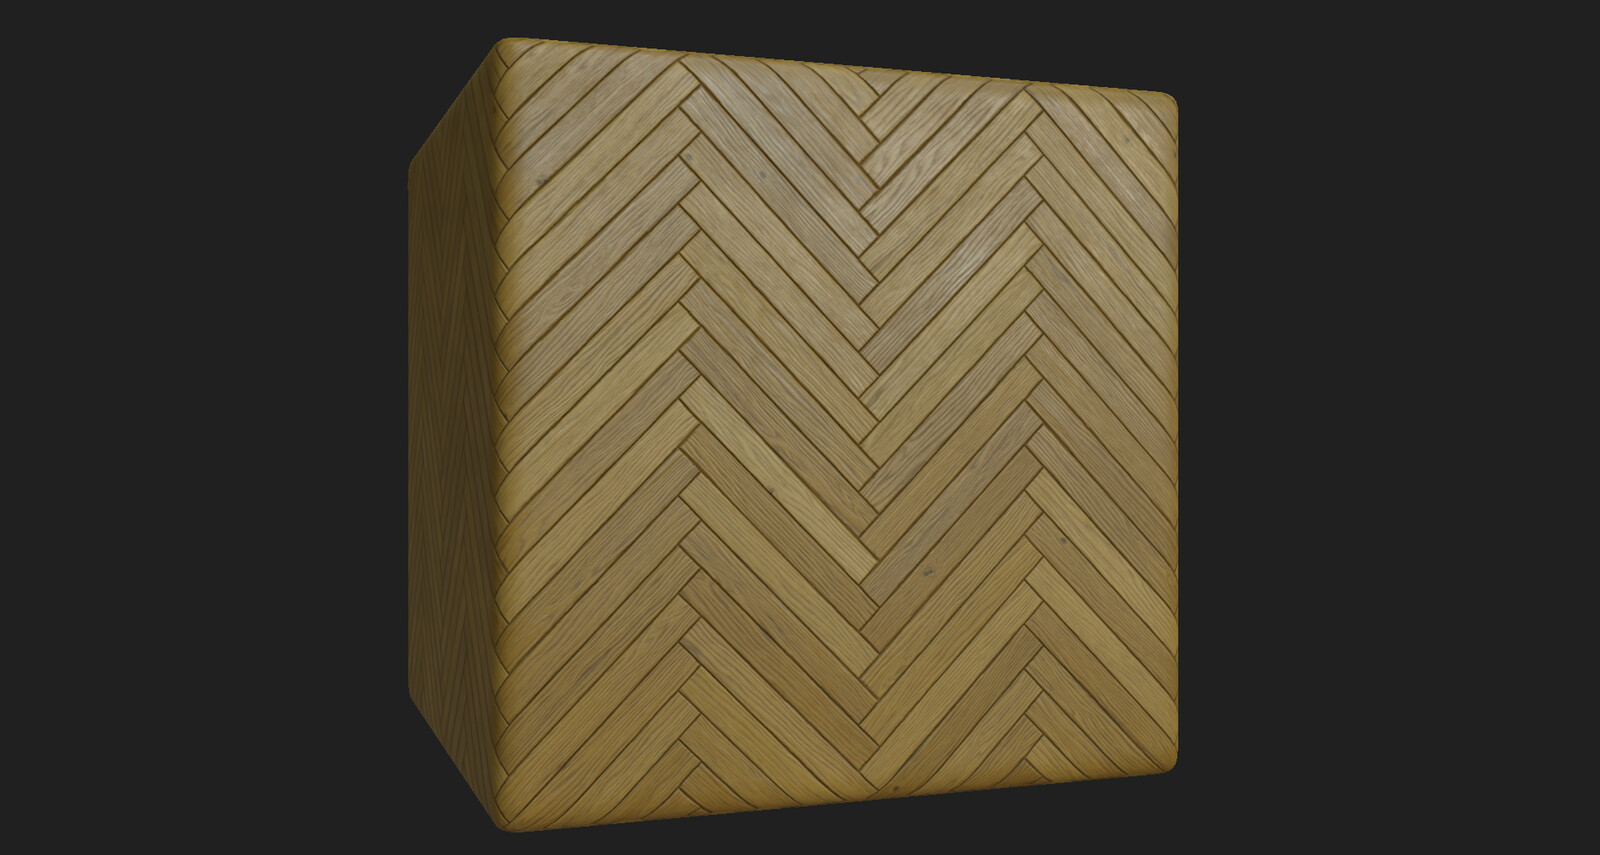 Wood herringbone